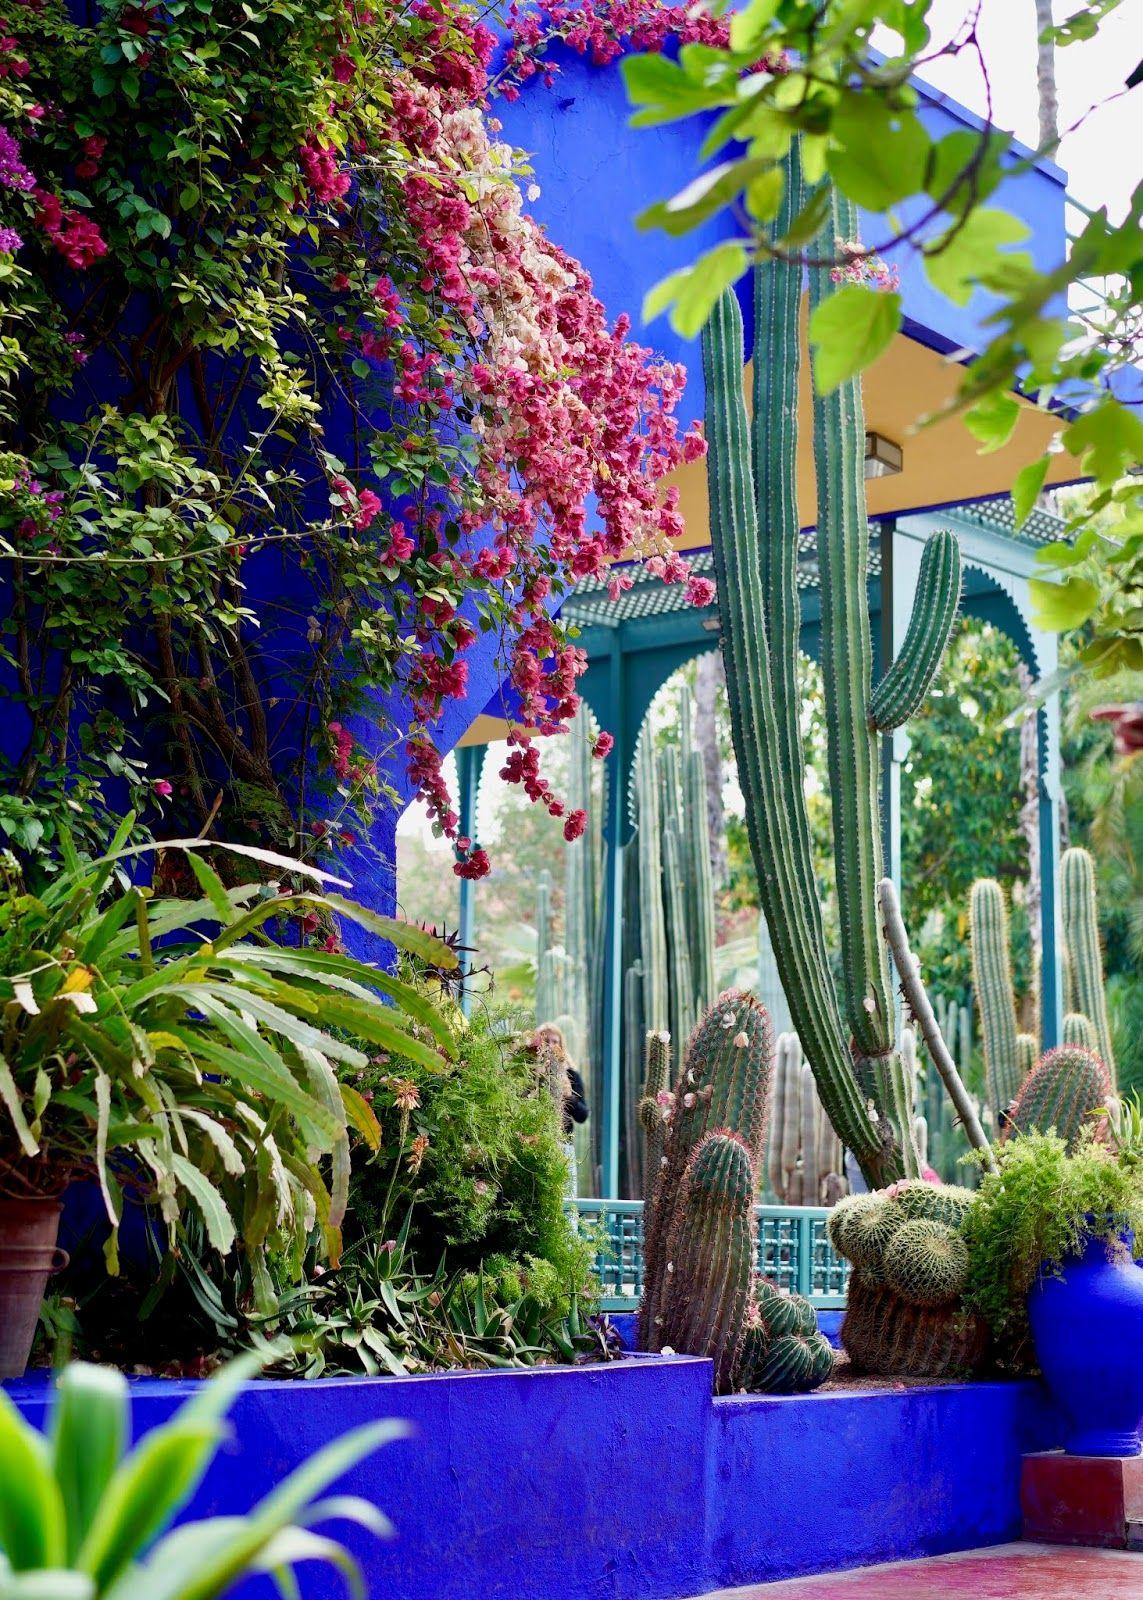 Jardin Majorelle Marrakech Morocco Marrakech Gardens Moroccan